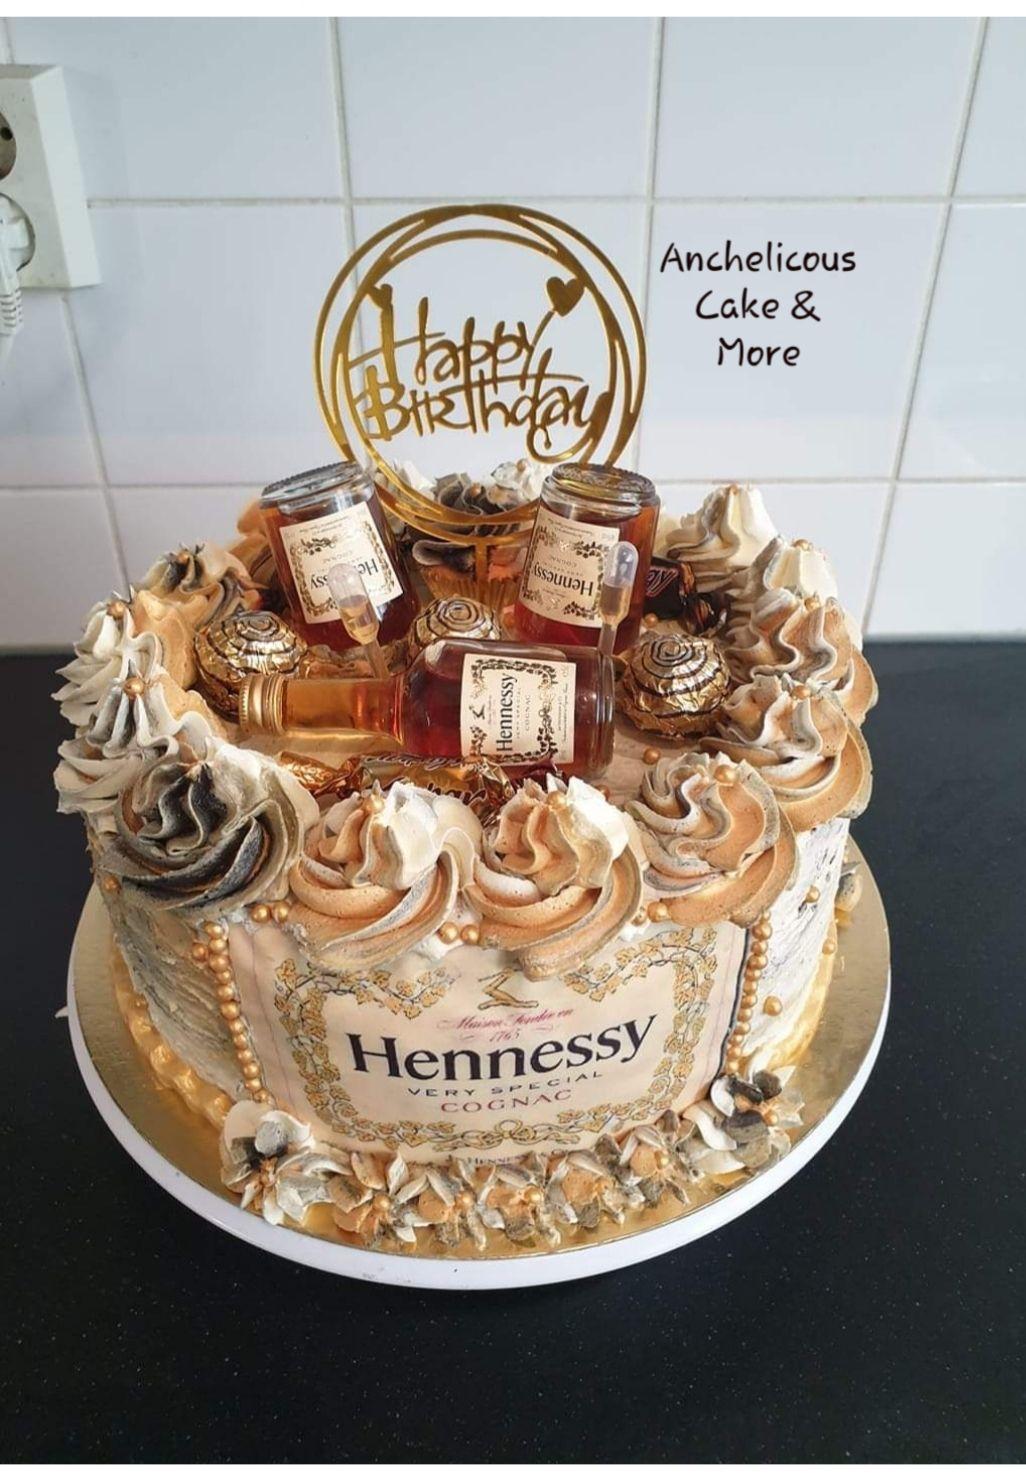 Sensational Hennesy Cake 21St Birthday Cakes Hennesy Cake Birthday Cake Funny Birthday Cards Online Alyptdamsfinfo